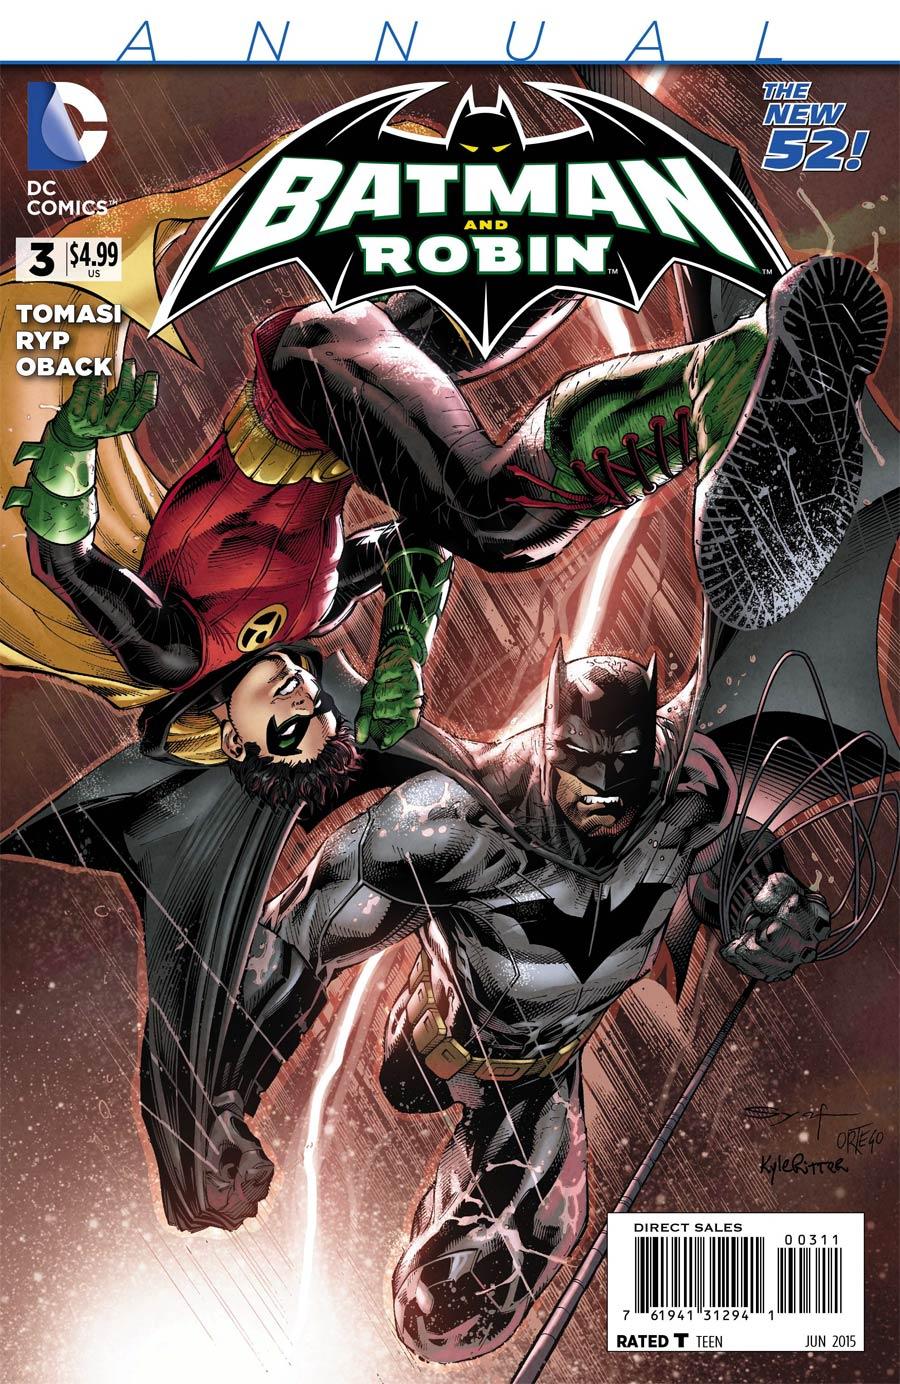 Batman And Robin Vol 2 Annual #3